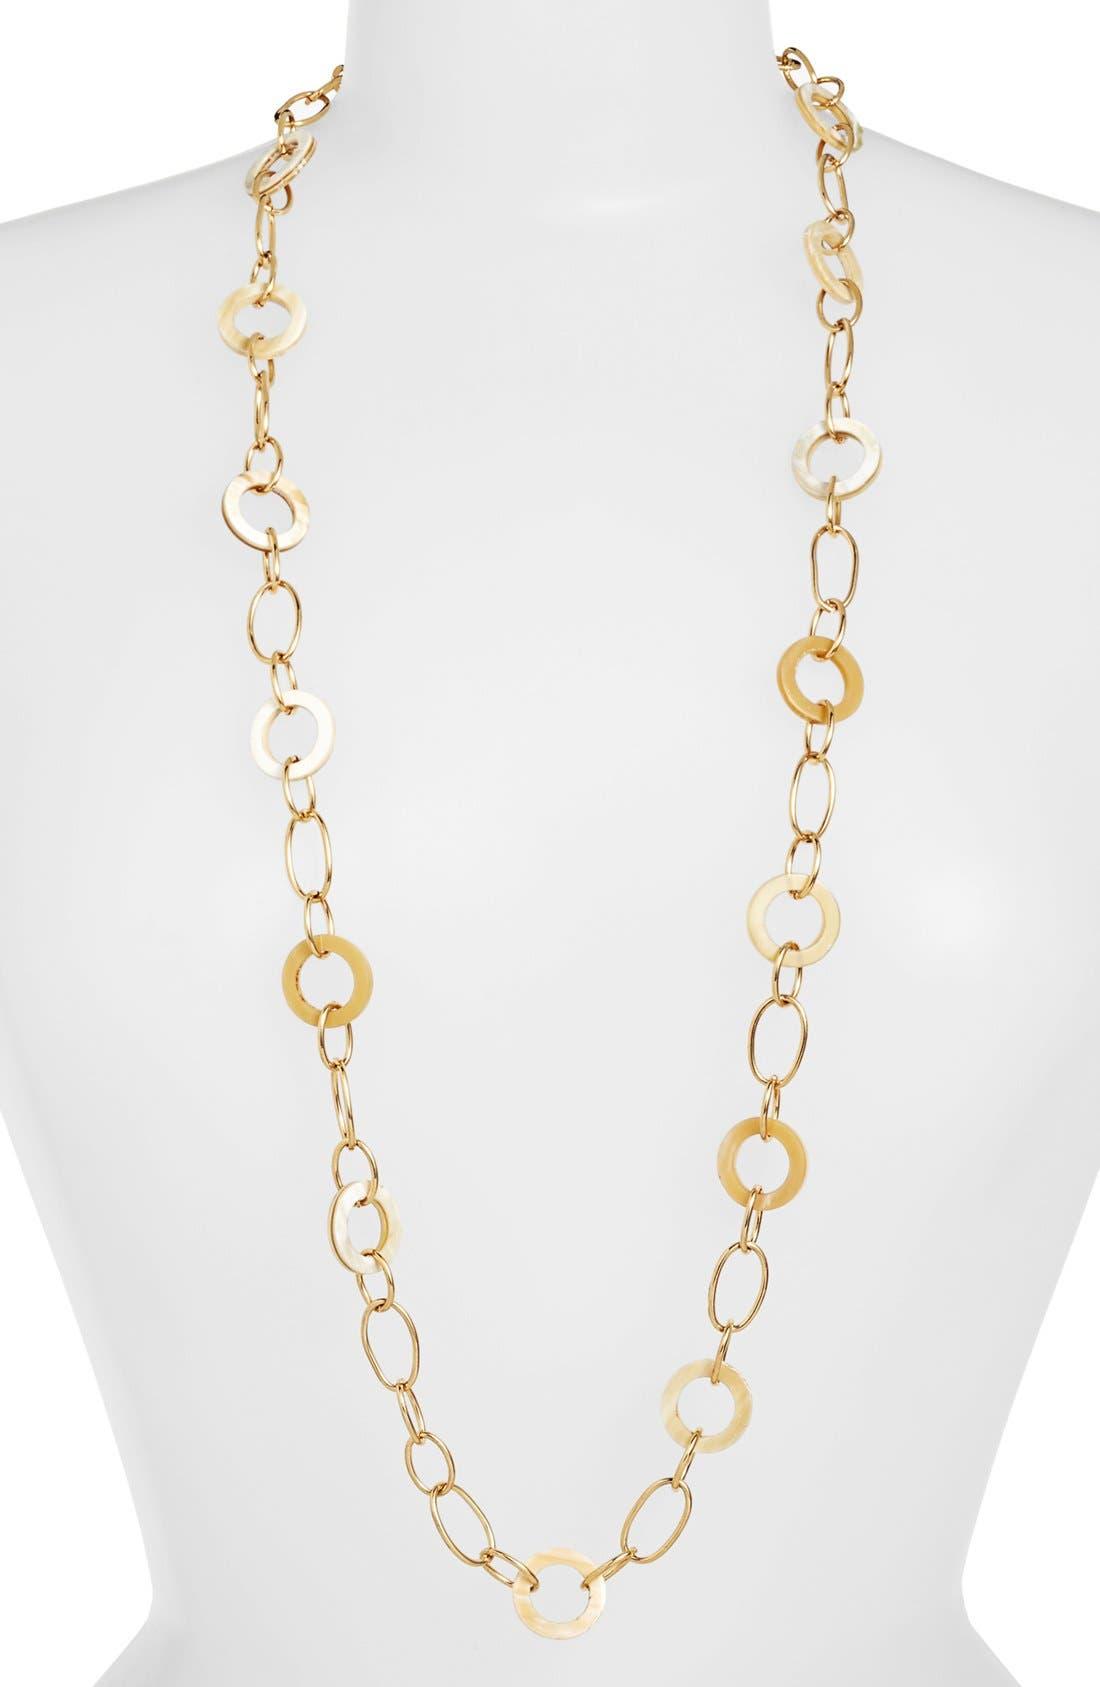 Main Image - Lauren Ralph Lauren Horn & Chain Link Necklace